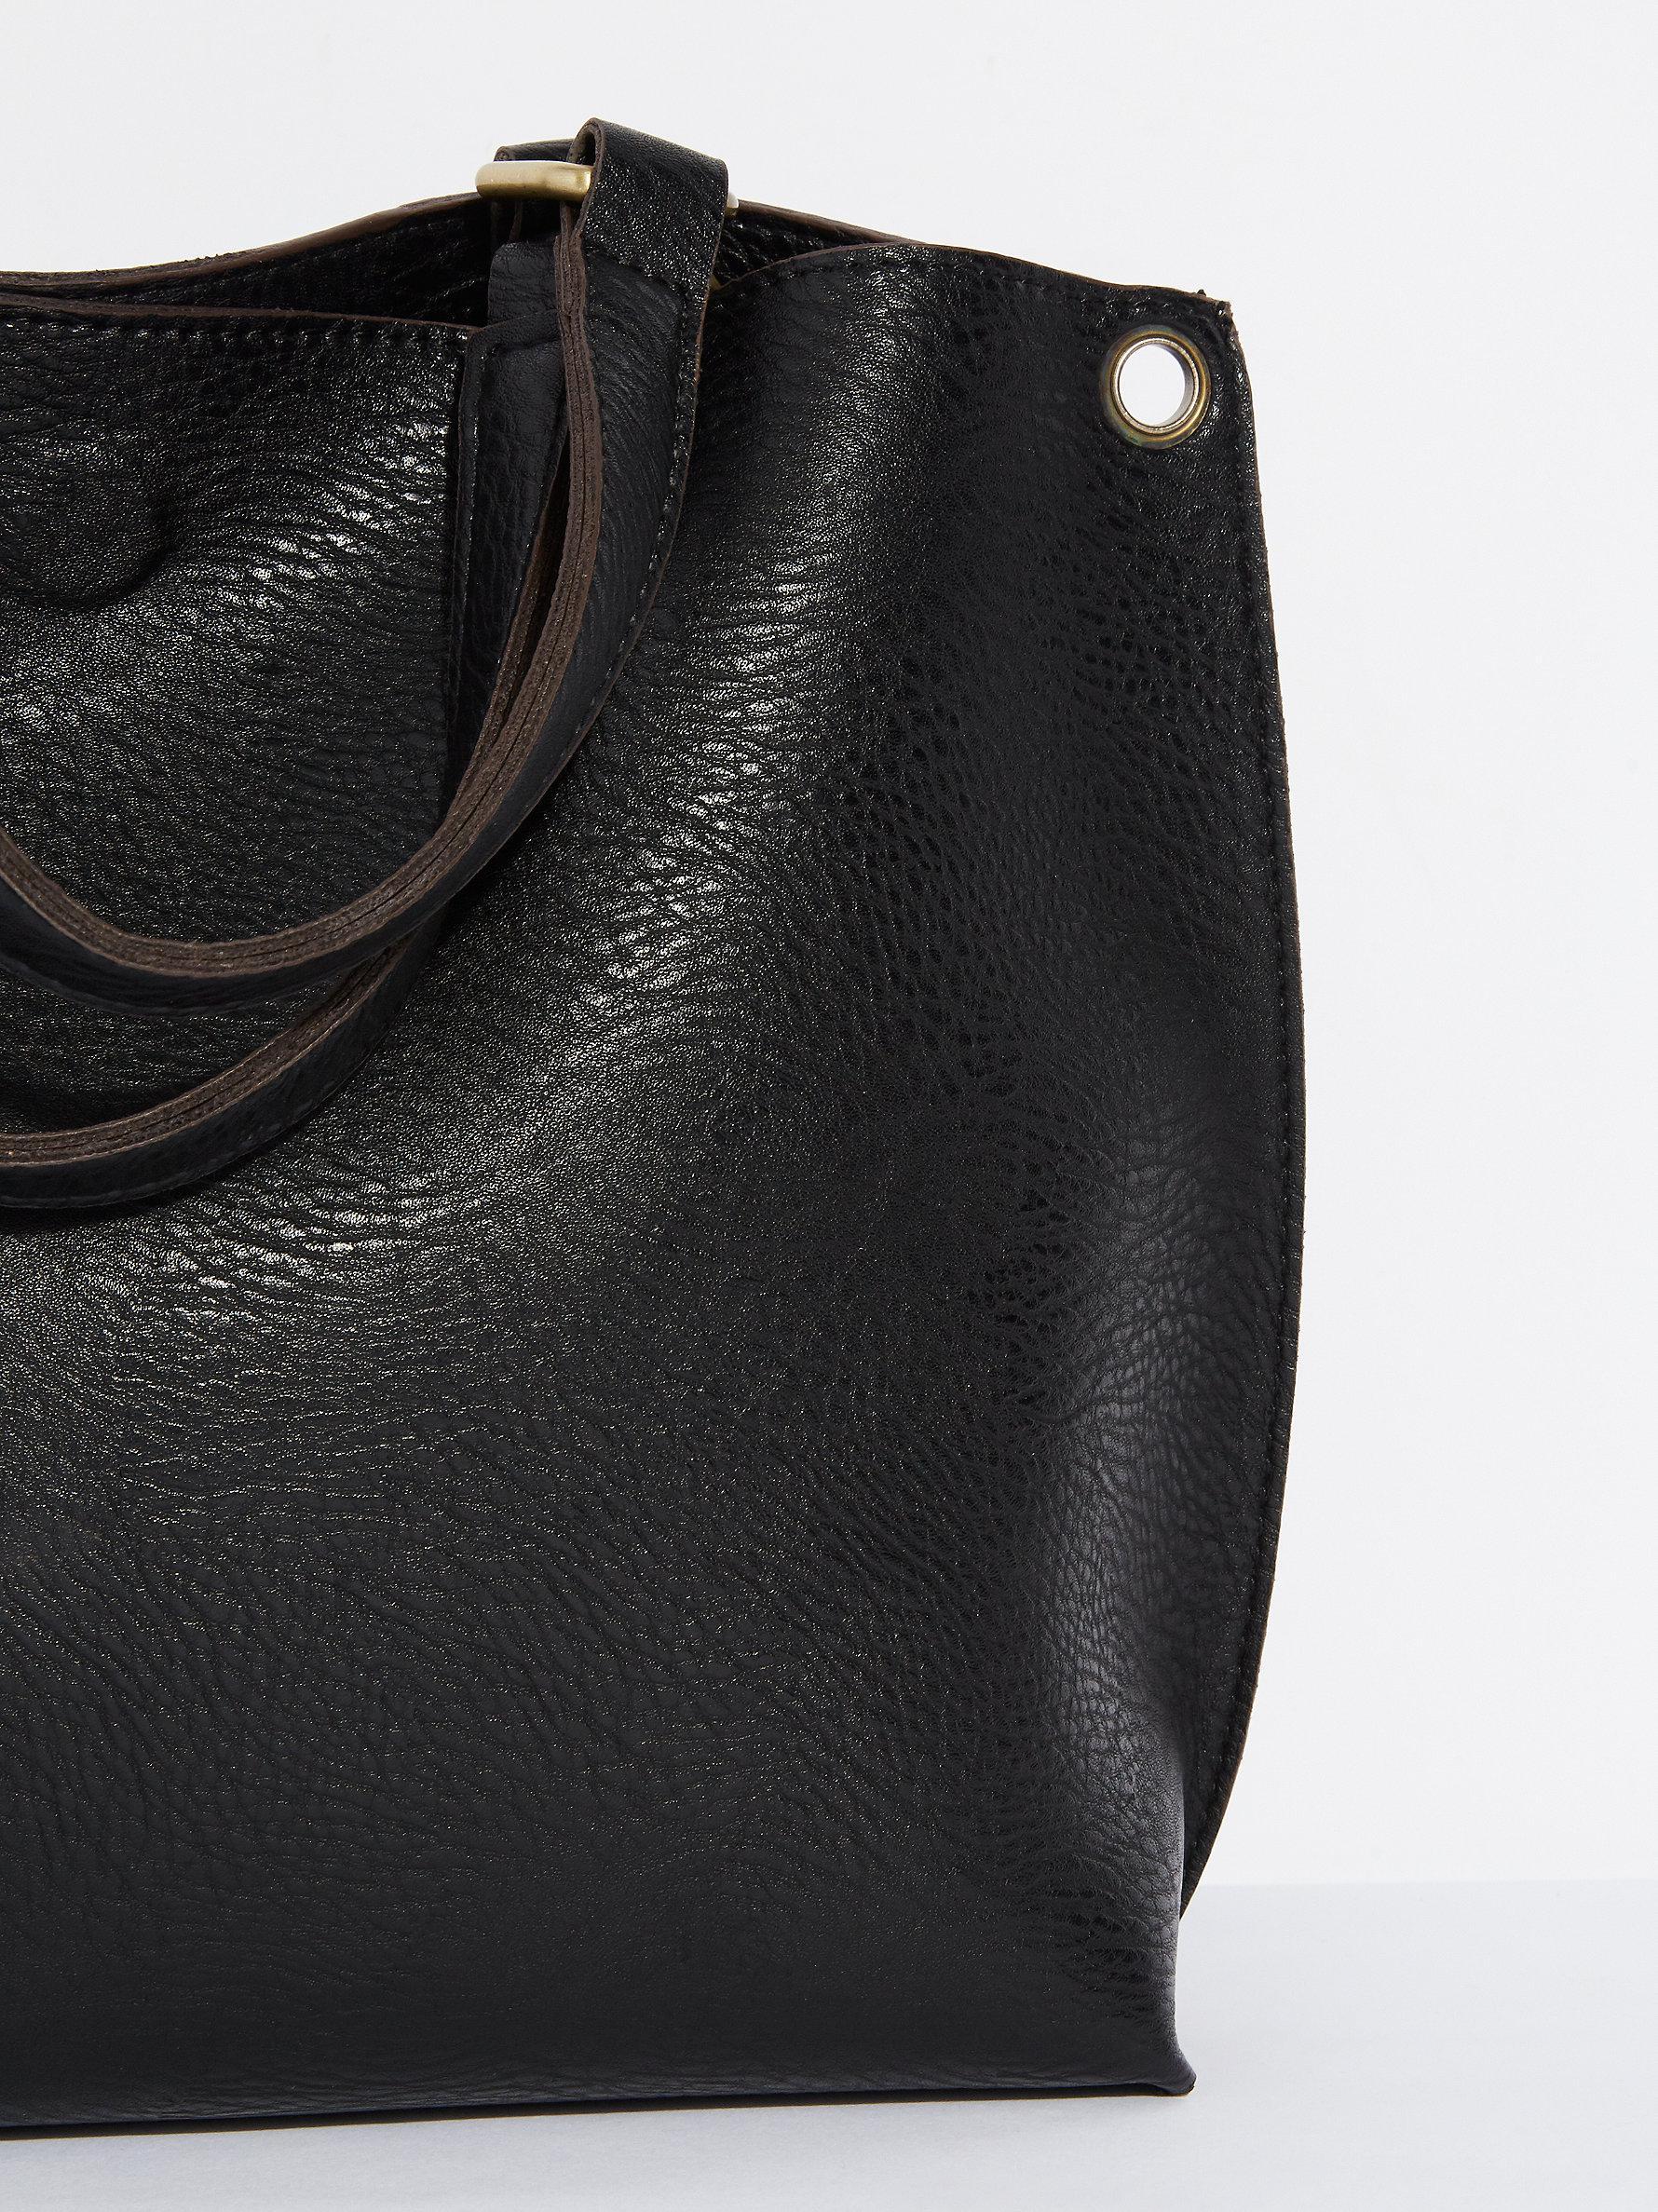 Free People Leather Reversible Vegan Crossbody in Black / Black (Black)